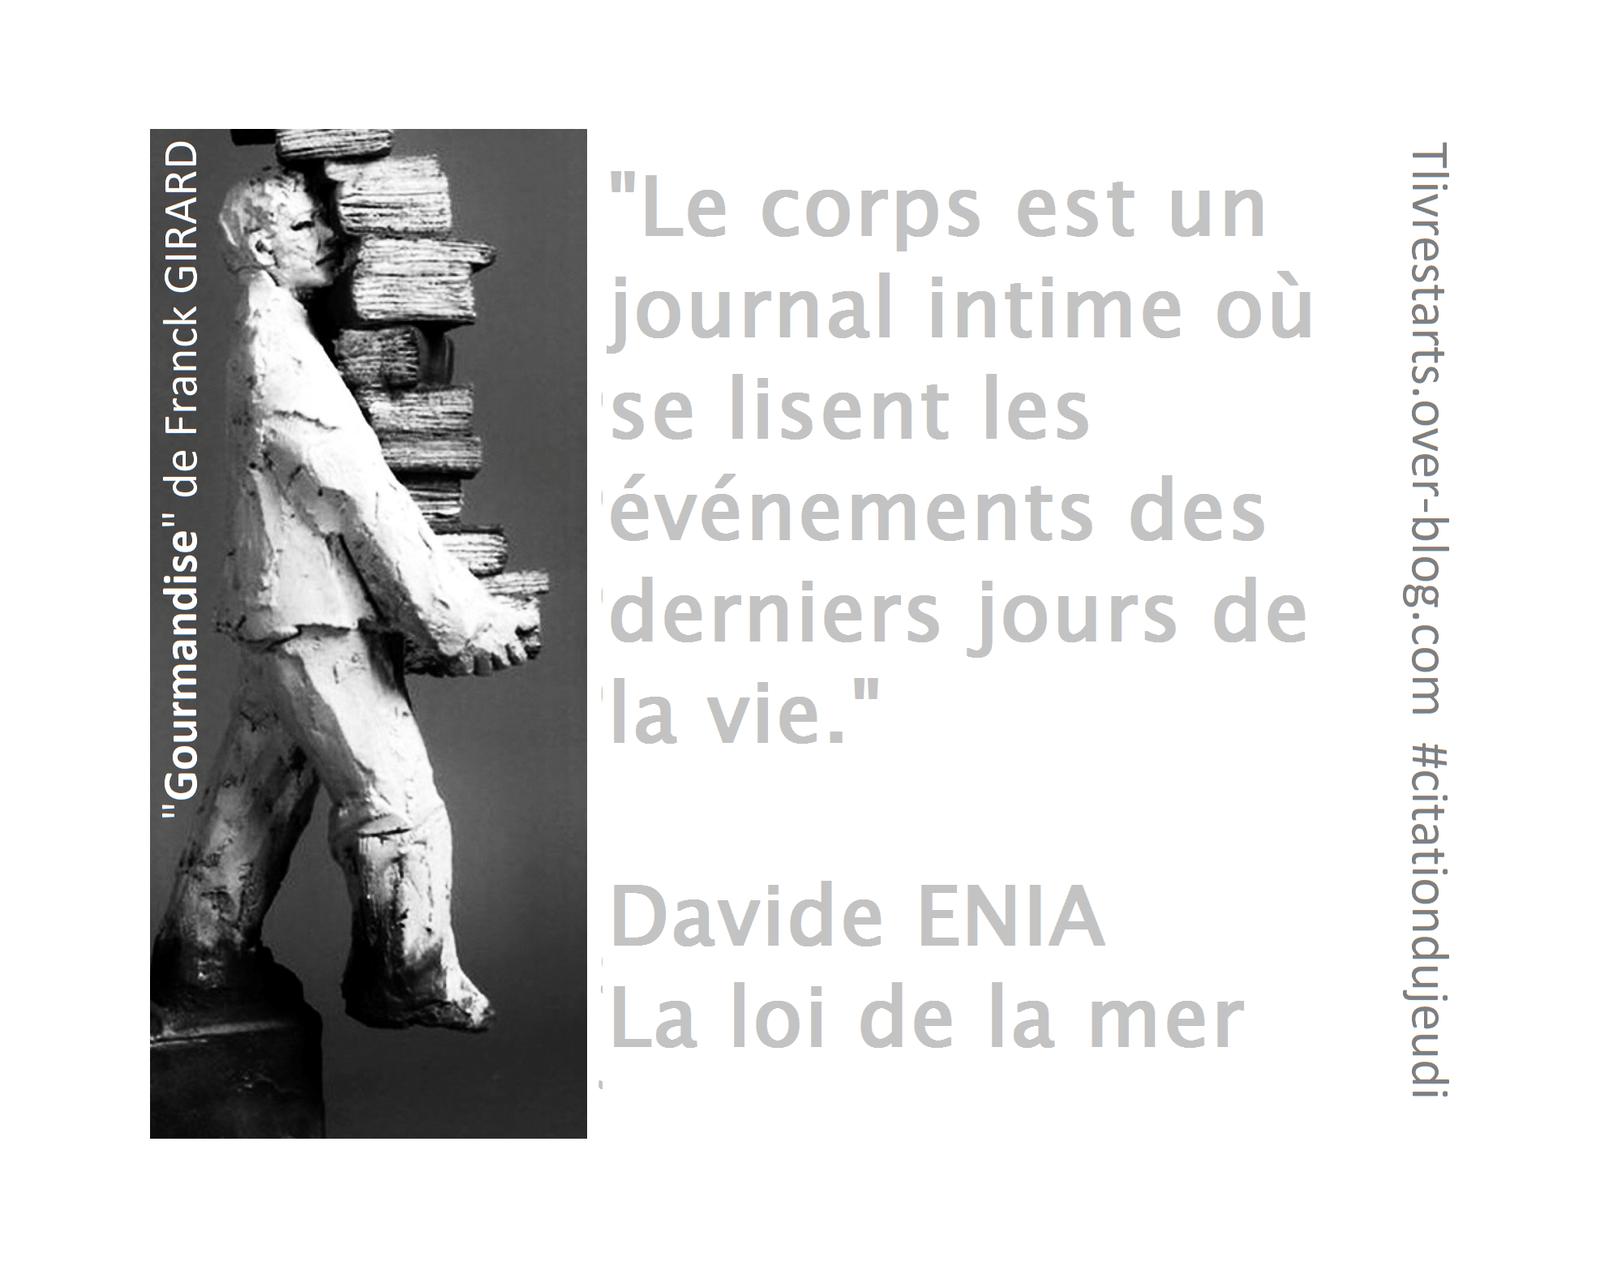 La loi de la mer de Davide ENIA